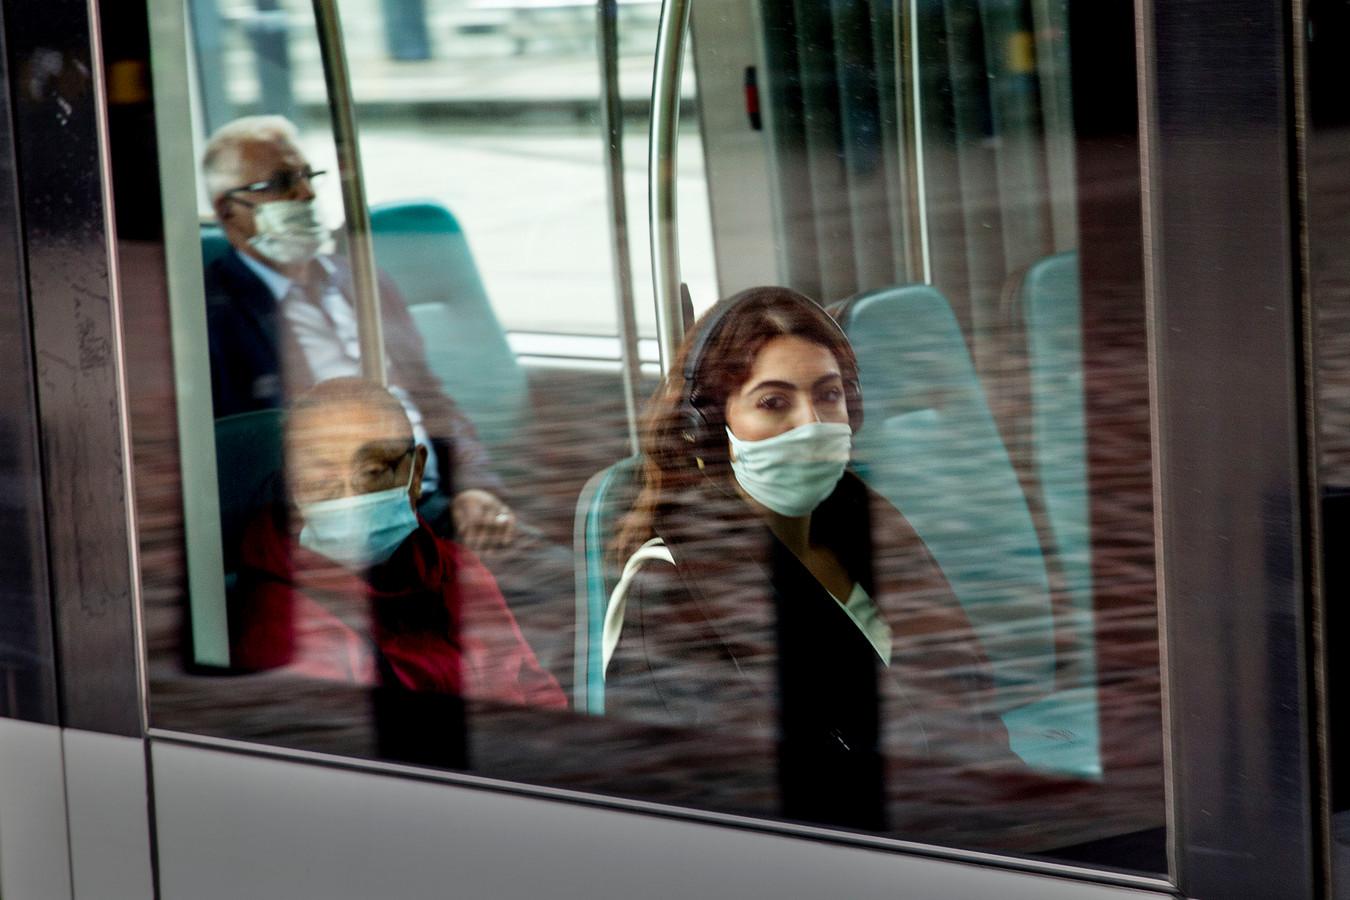 De RET zag de dag na de persconferentie direct een scherpe daling van het aantal reizigers.